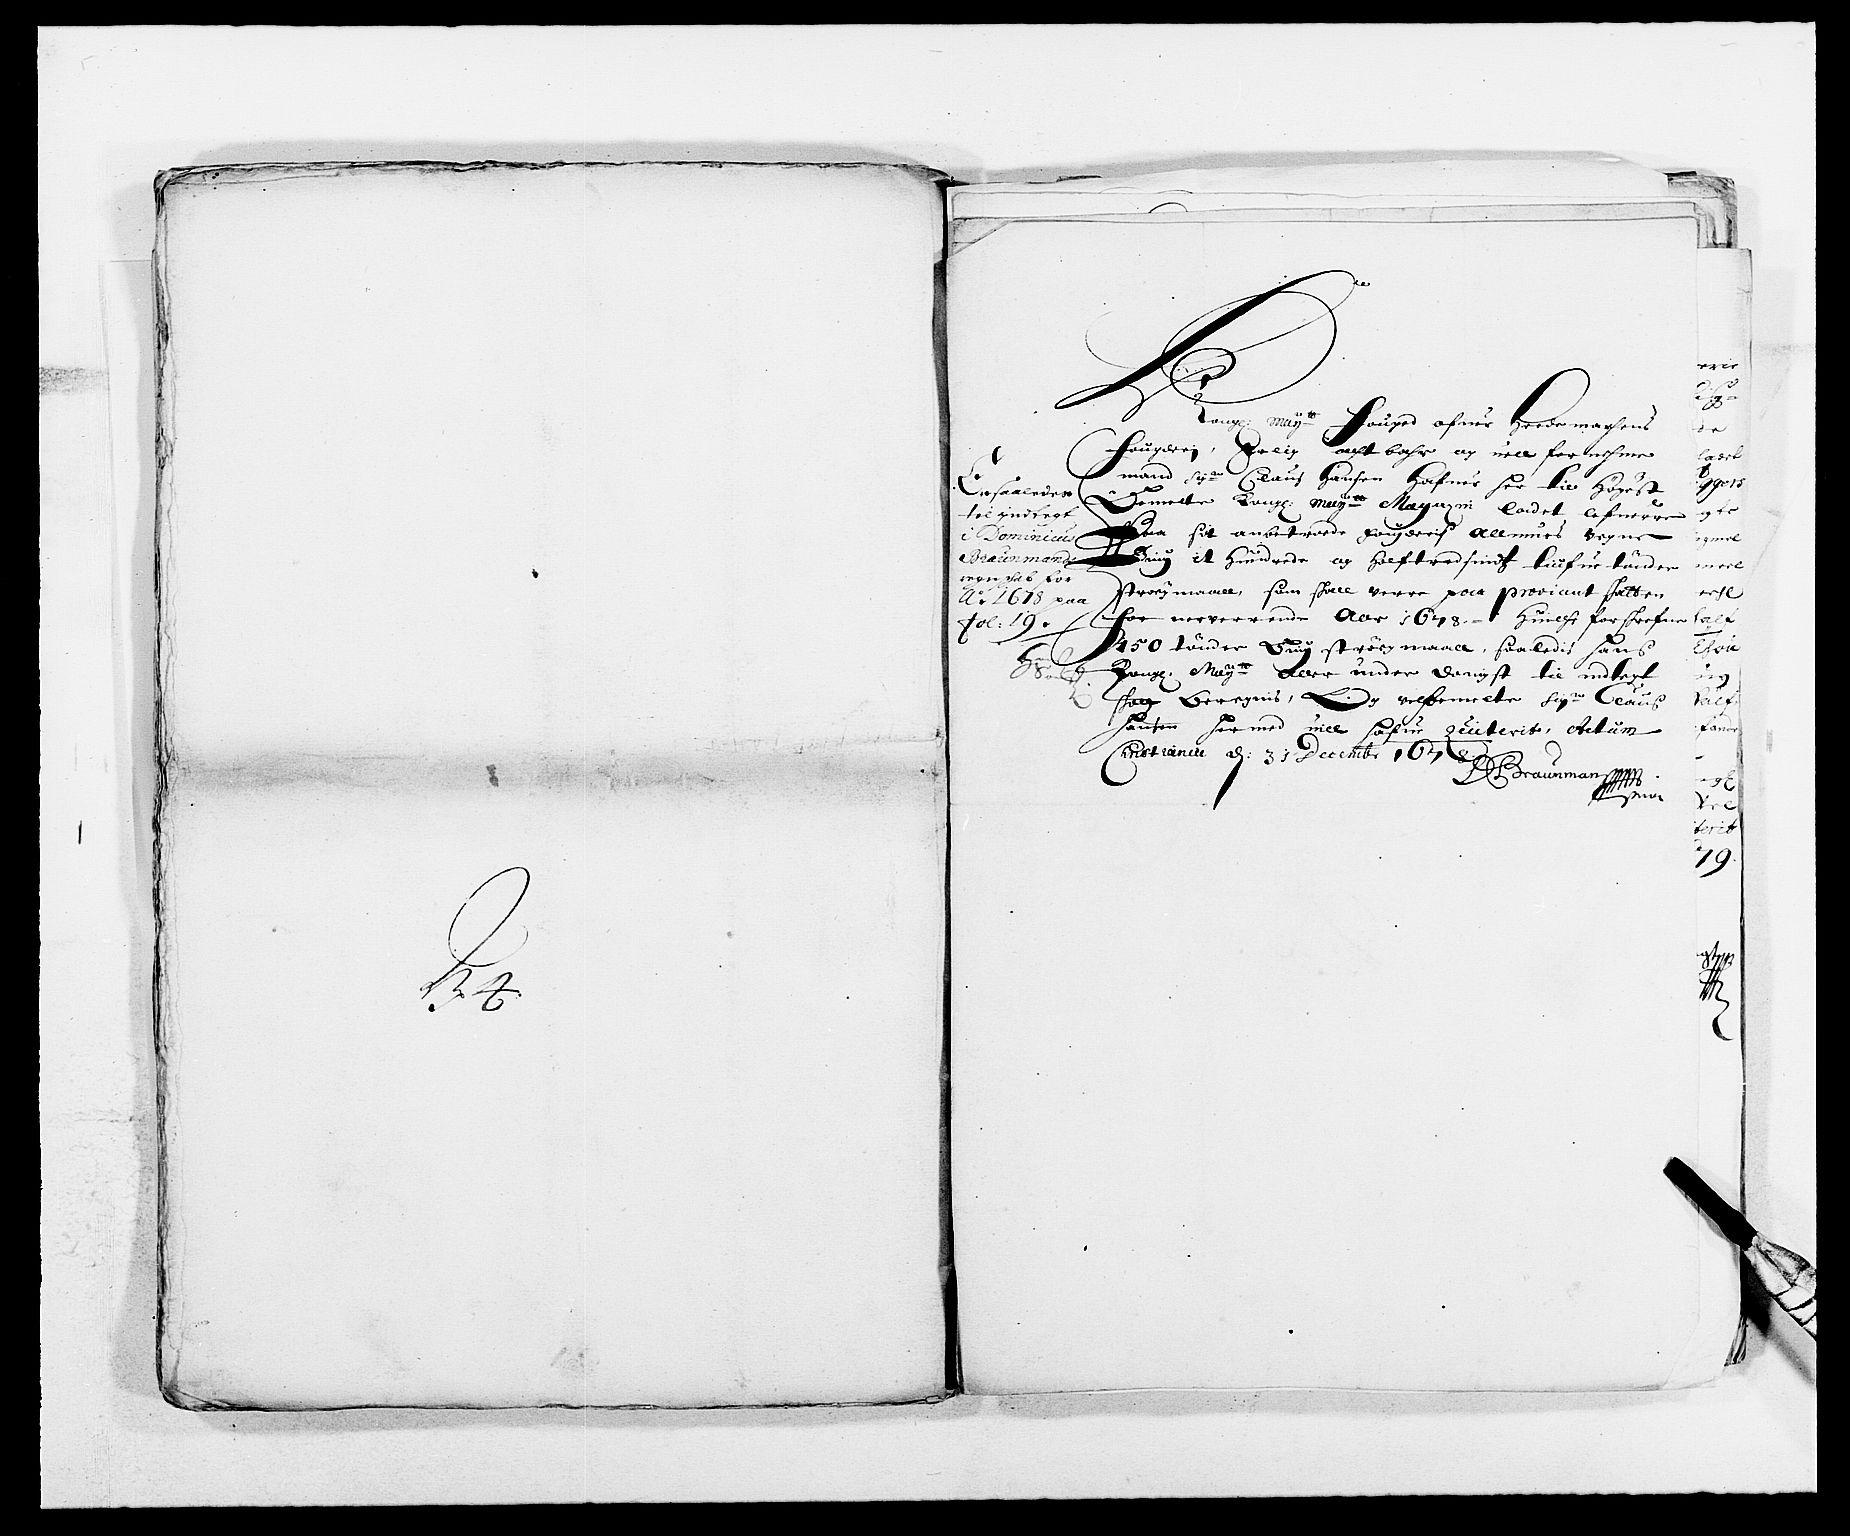 RA, Rentekammeret inntil 1814, Reviderte regnskaper, Fogderegnskap, R16/L1019: Fogderegnskap Hedmark, 1679, s. 38